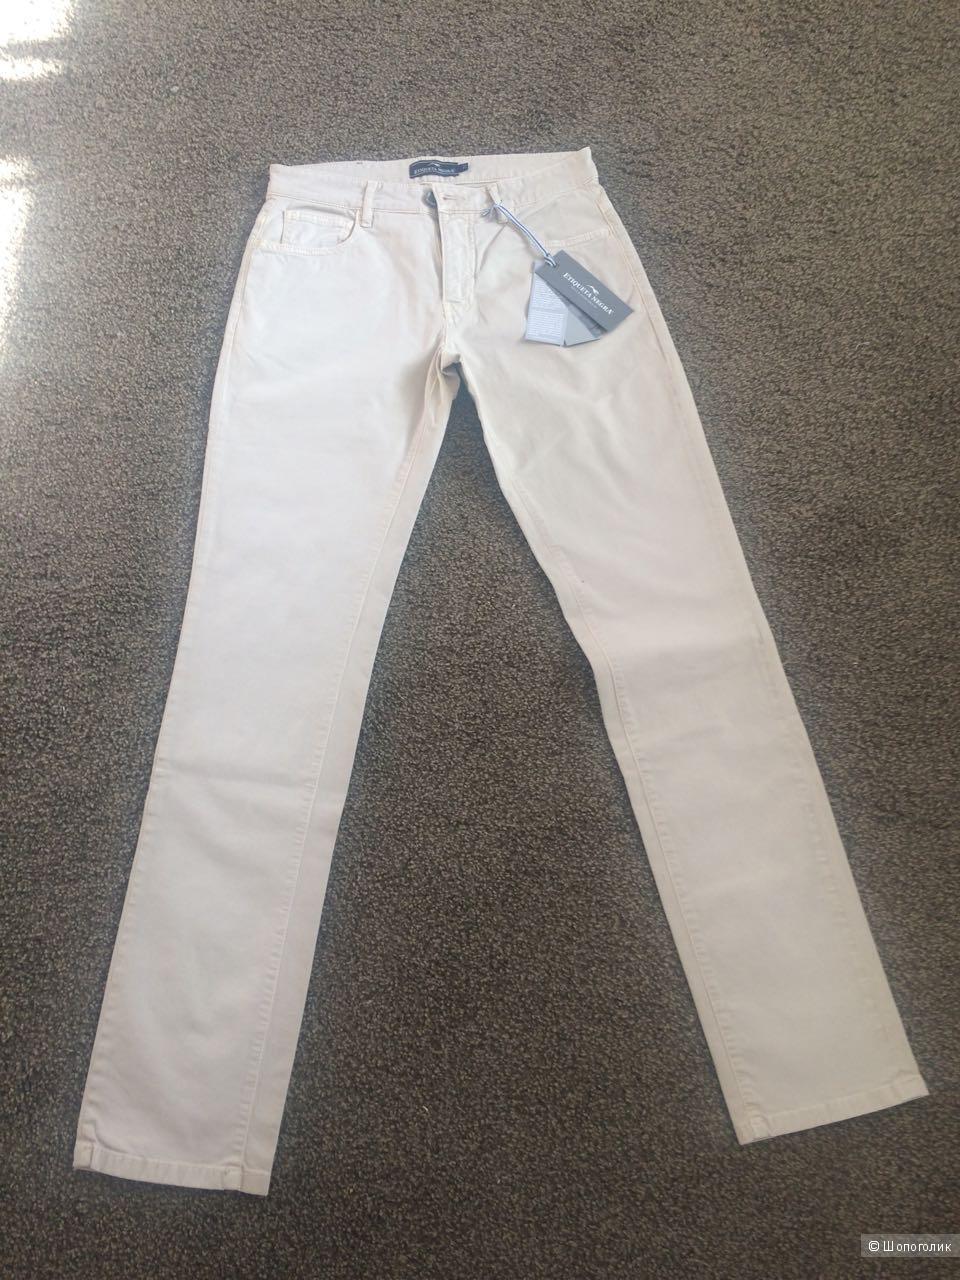 Мужские брюки джинсы Etiqueta Negra, р. 32